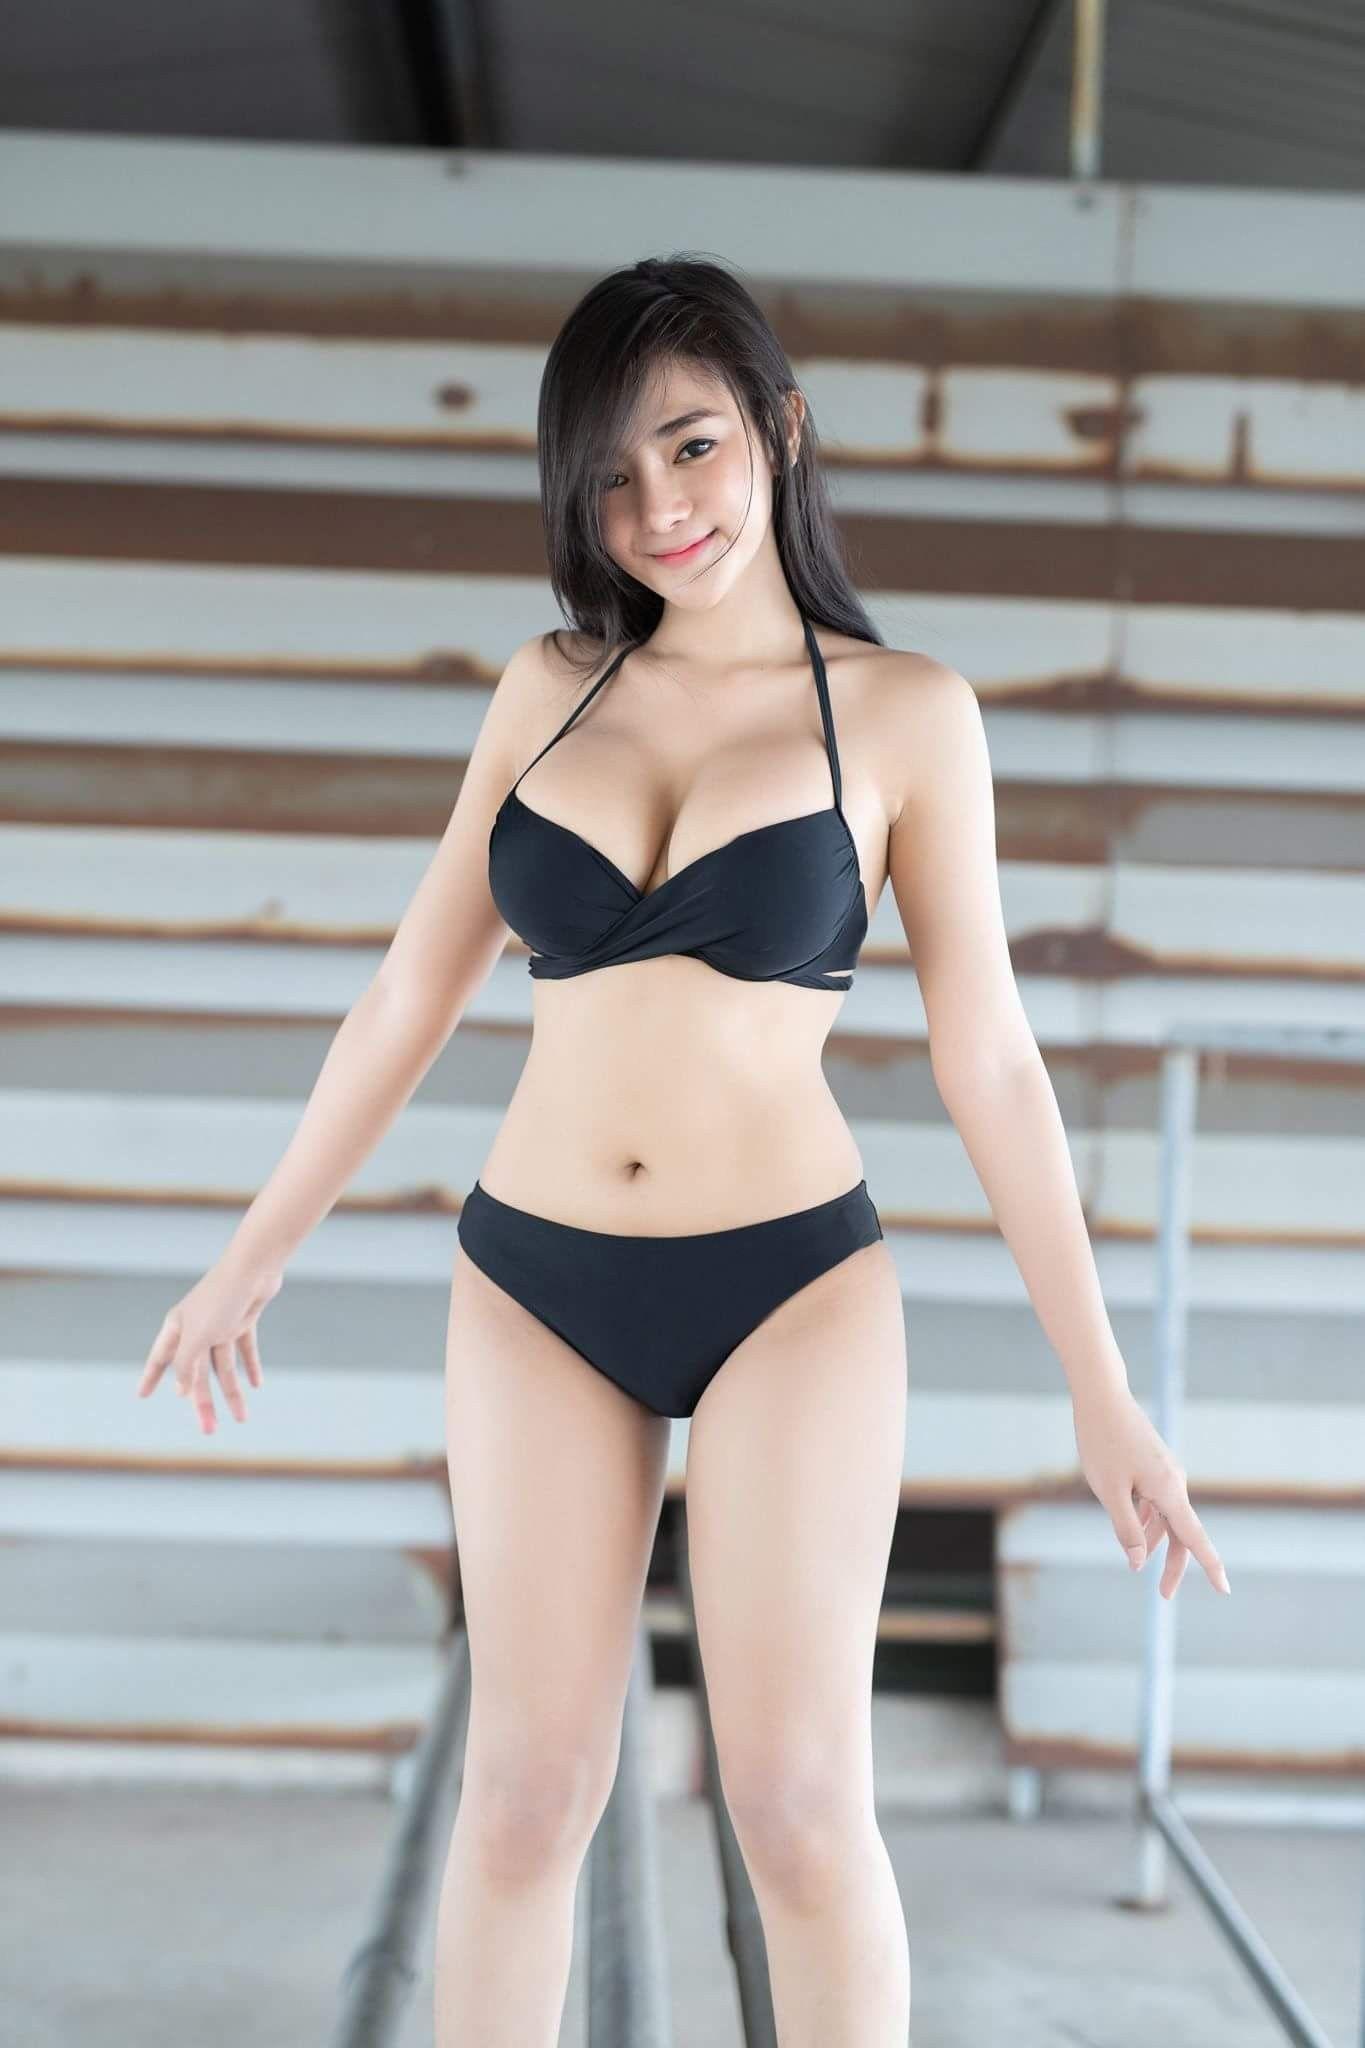 Bikini Asia